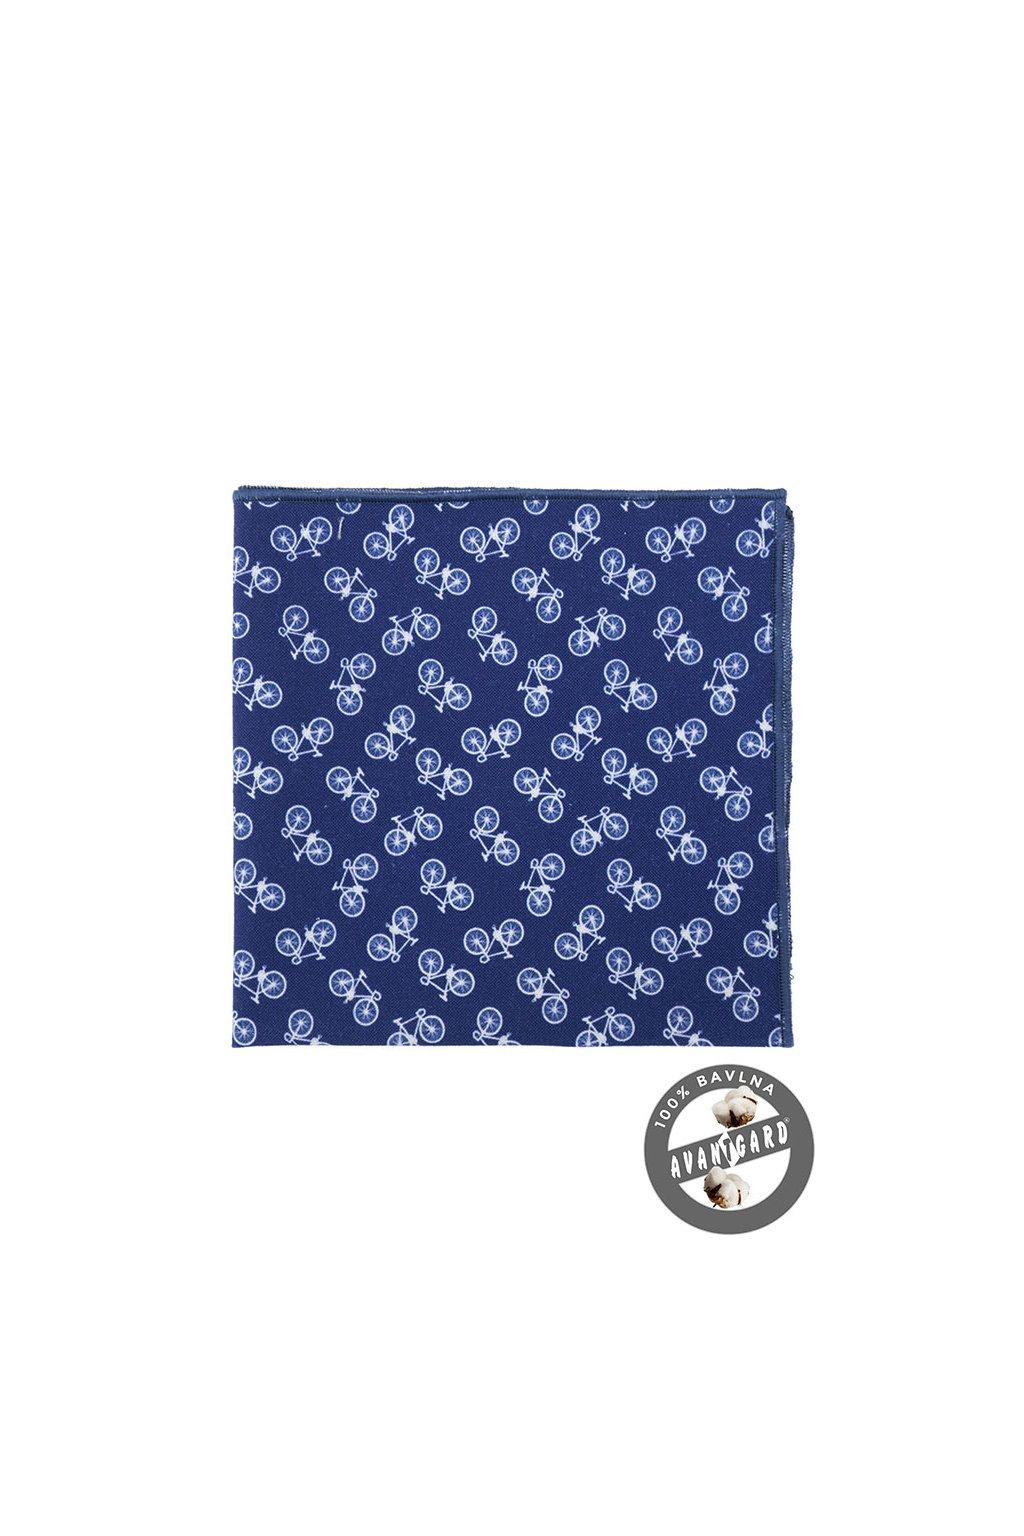 Kapesníček do saka LUX modrá/cyklistika 583 - 250